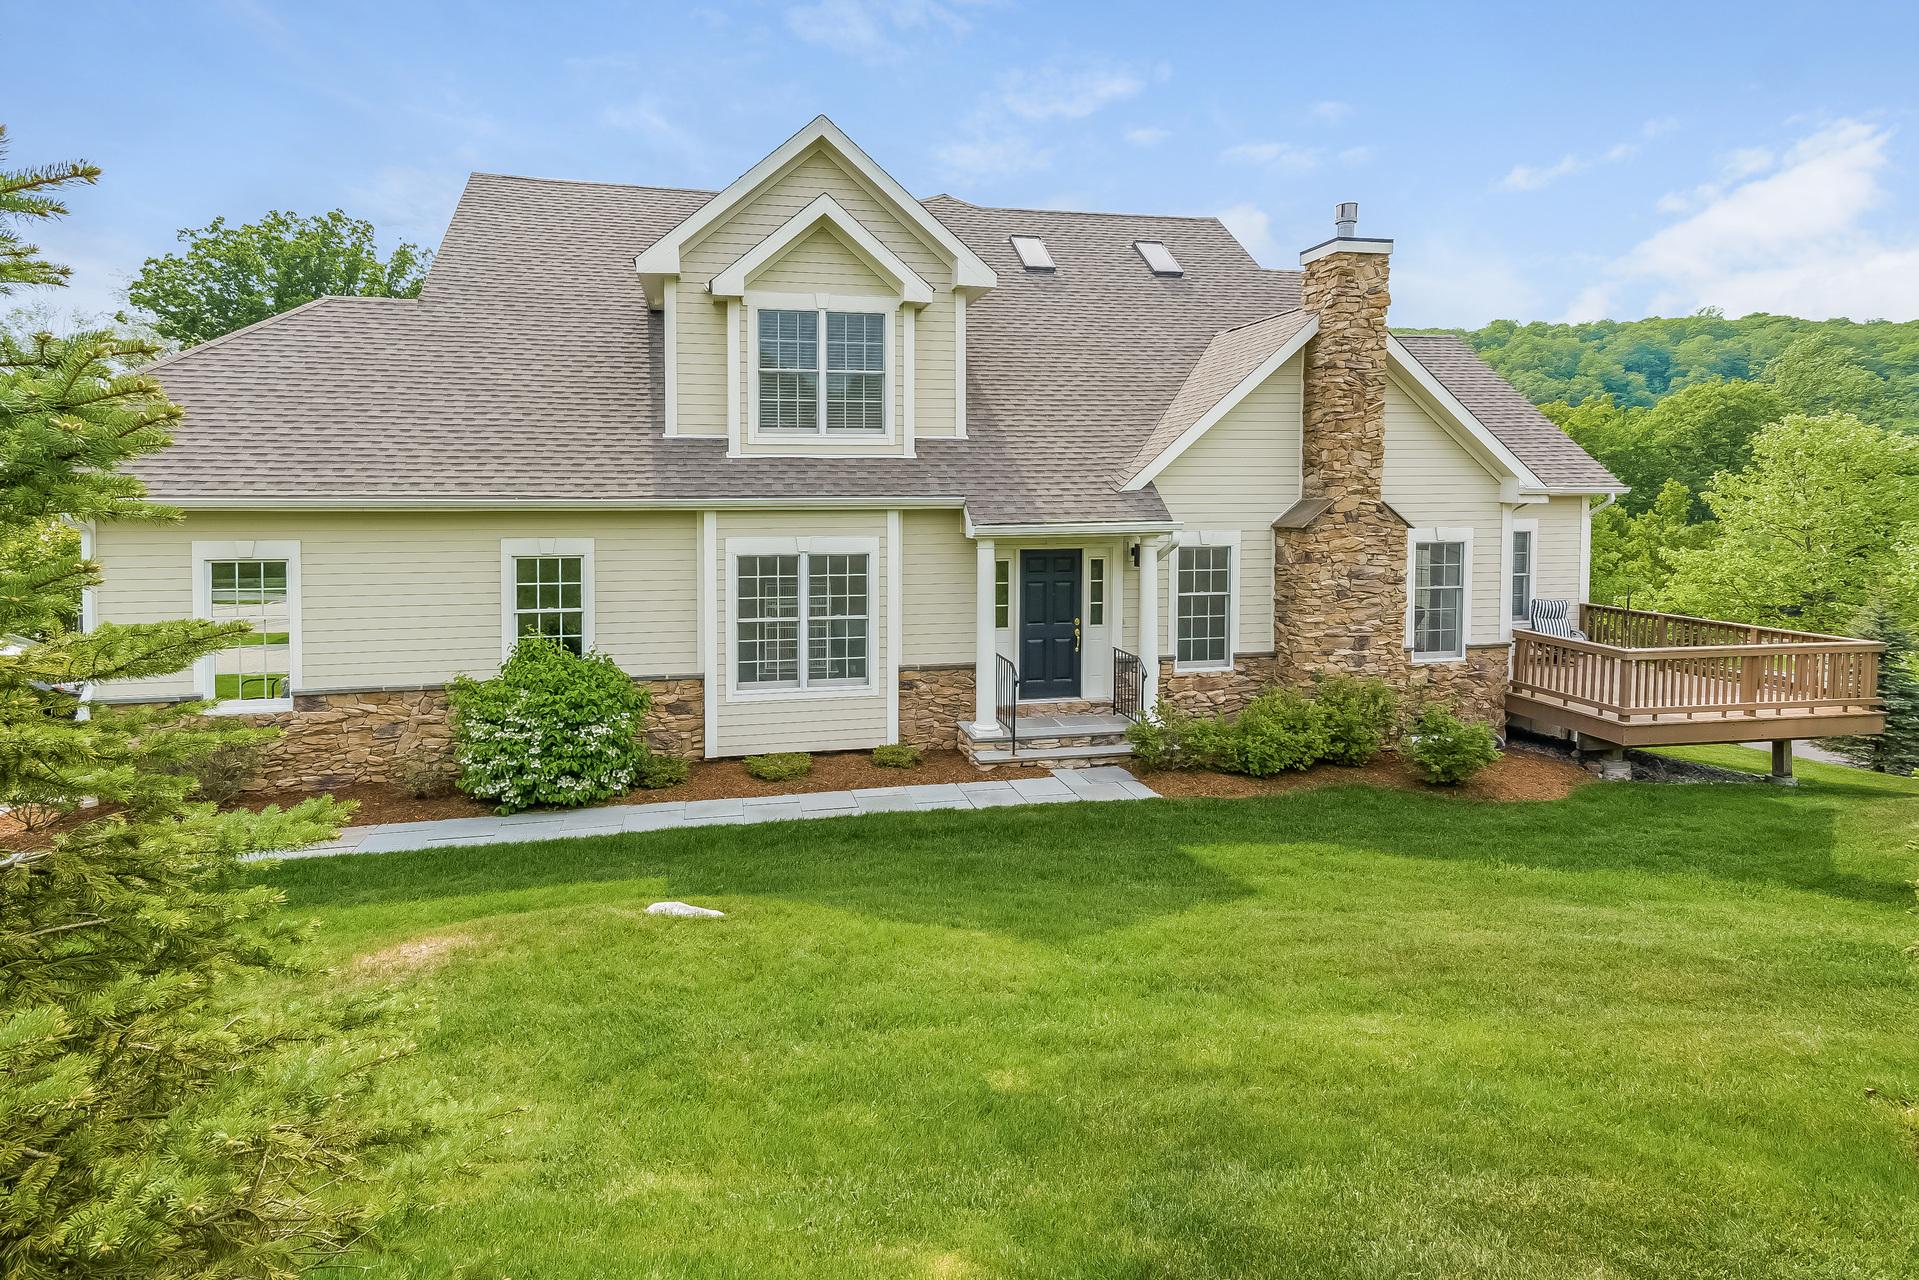 Nhà chung cư vì Bán tại Best value at the Regency 638 Danbury Road 73 Ridgefield, Connecticut 06877 Hoa Kỳ